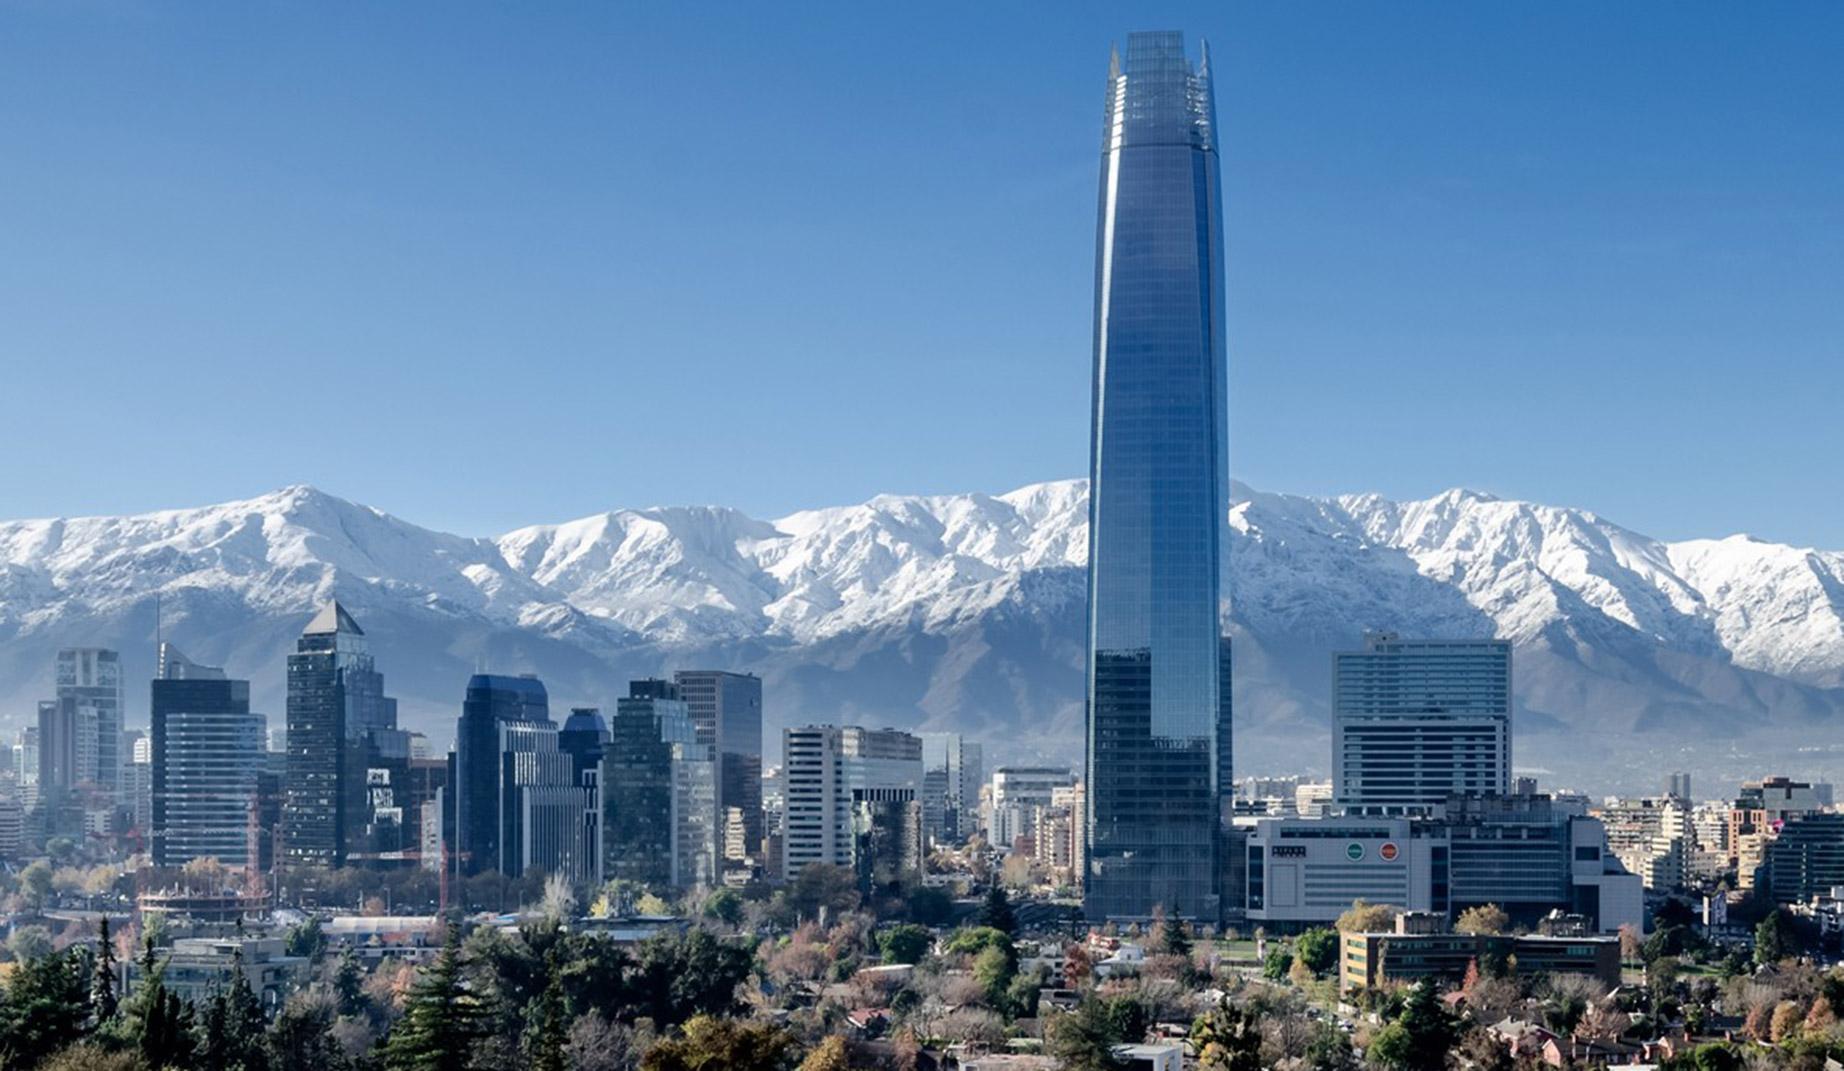 Turismo-no-Chile-santiago Turismo no Chile, o que fazer? (Dicas + ebook grátis)